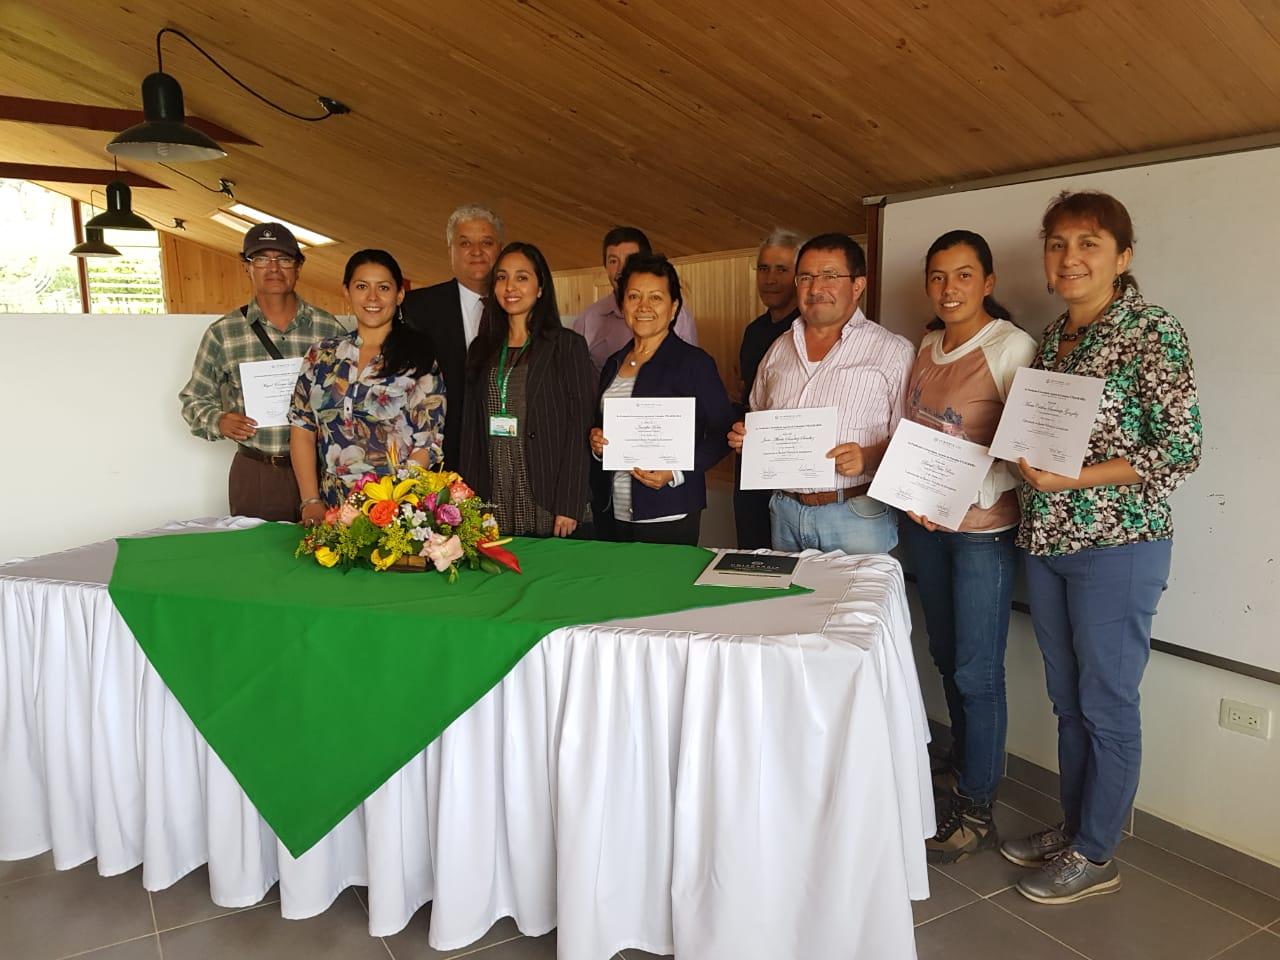 Entrega de diplomas por Buenas Prácticas de Manufactura a agricultores de Anolaima